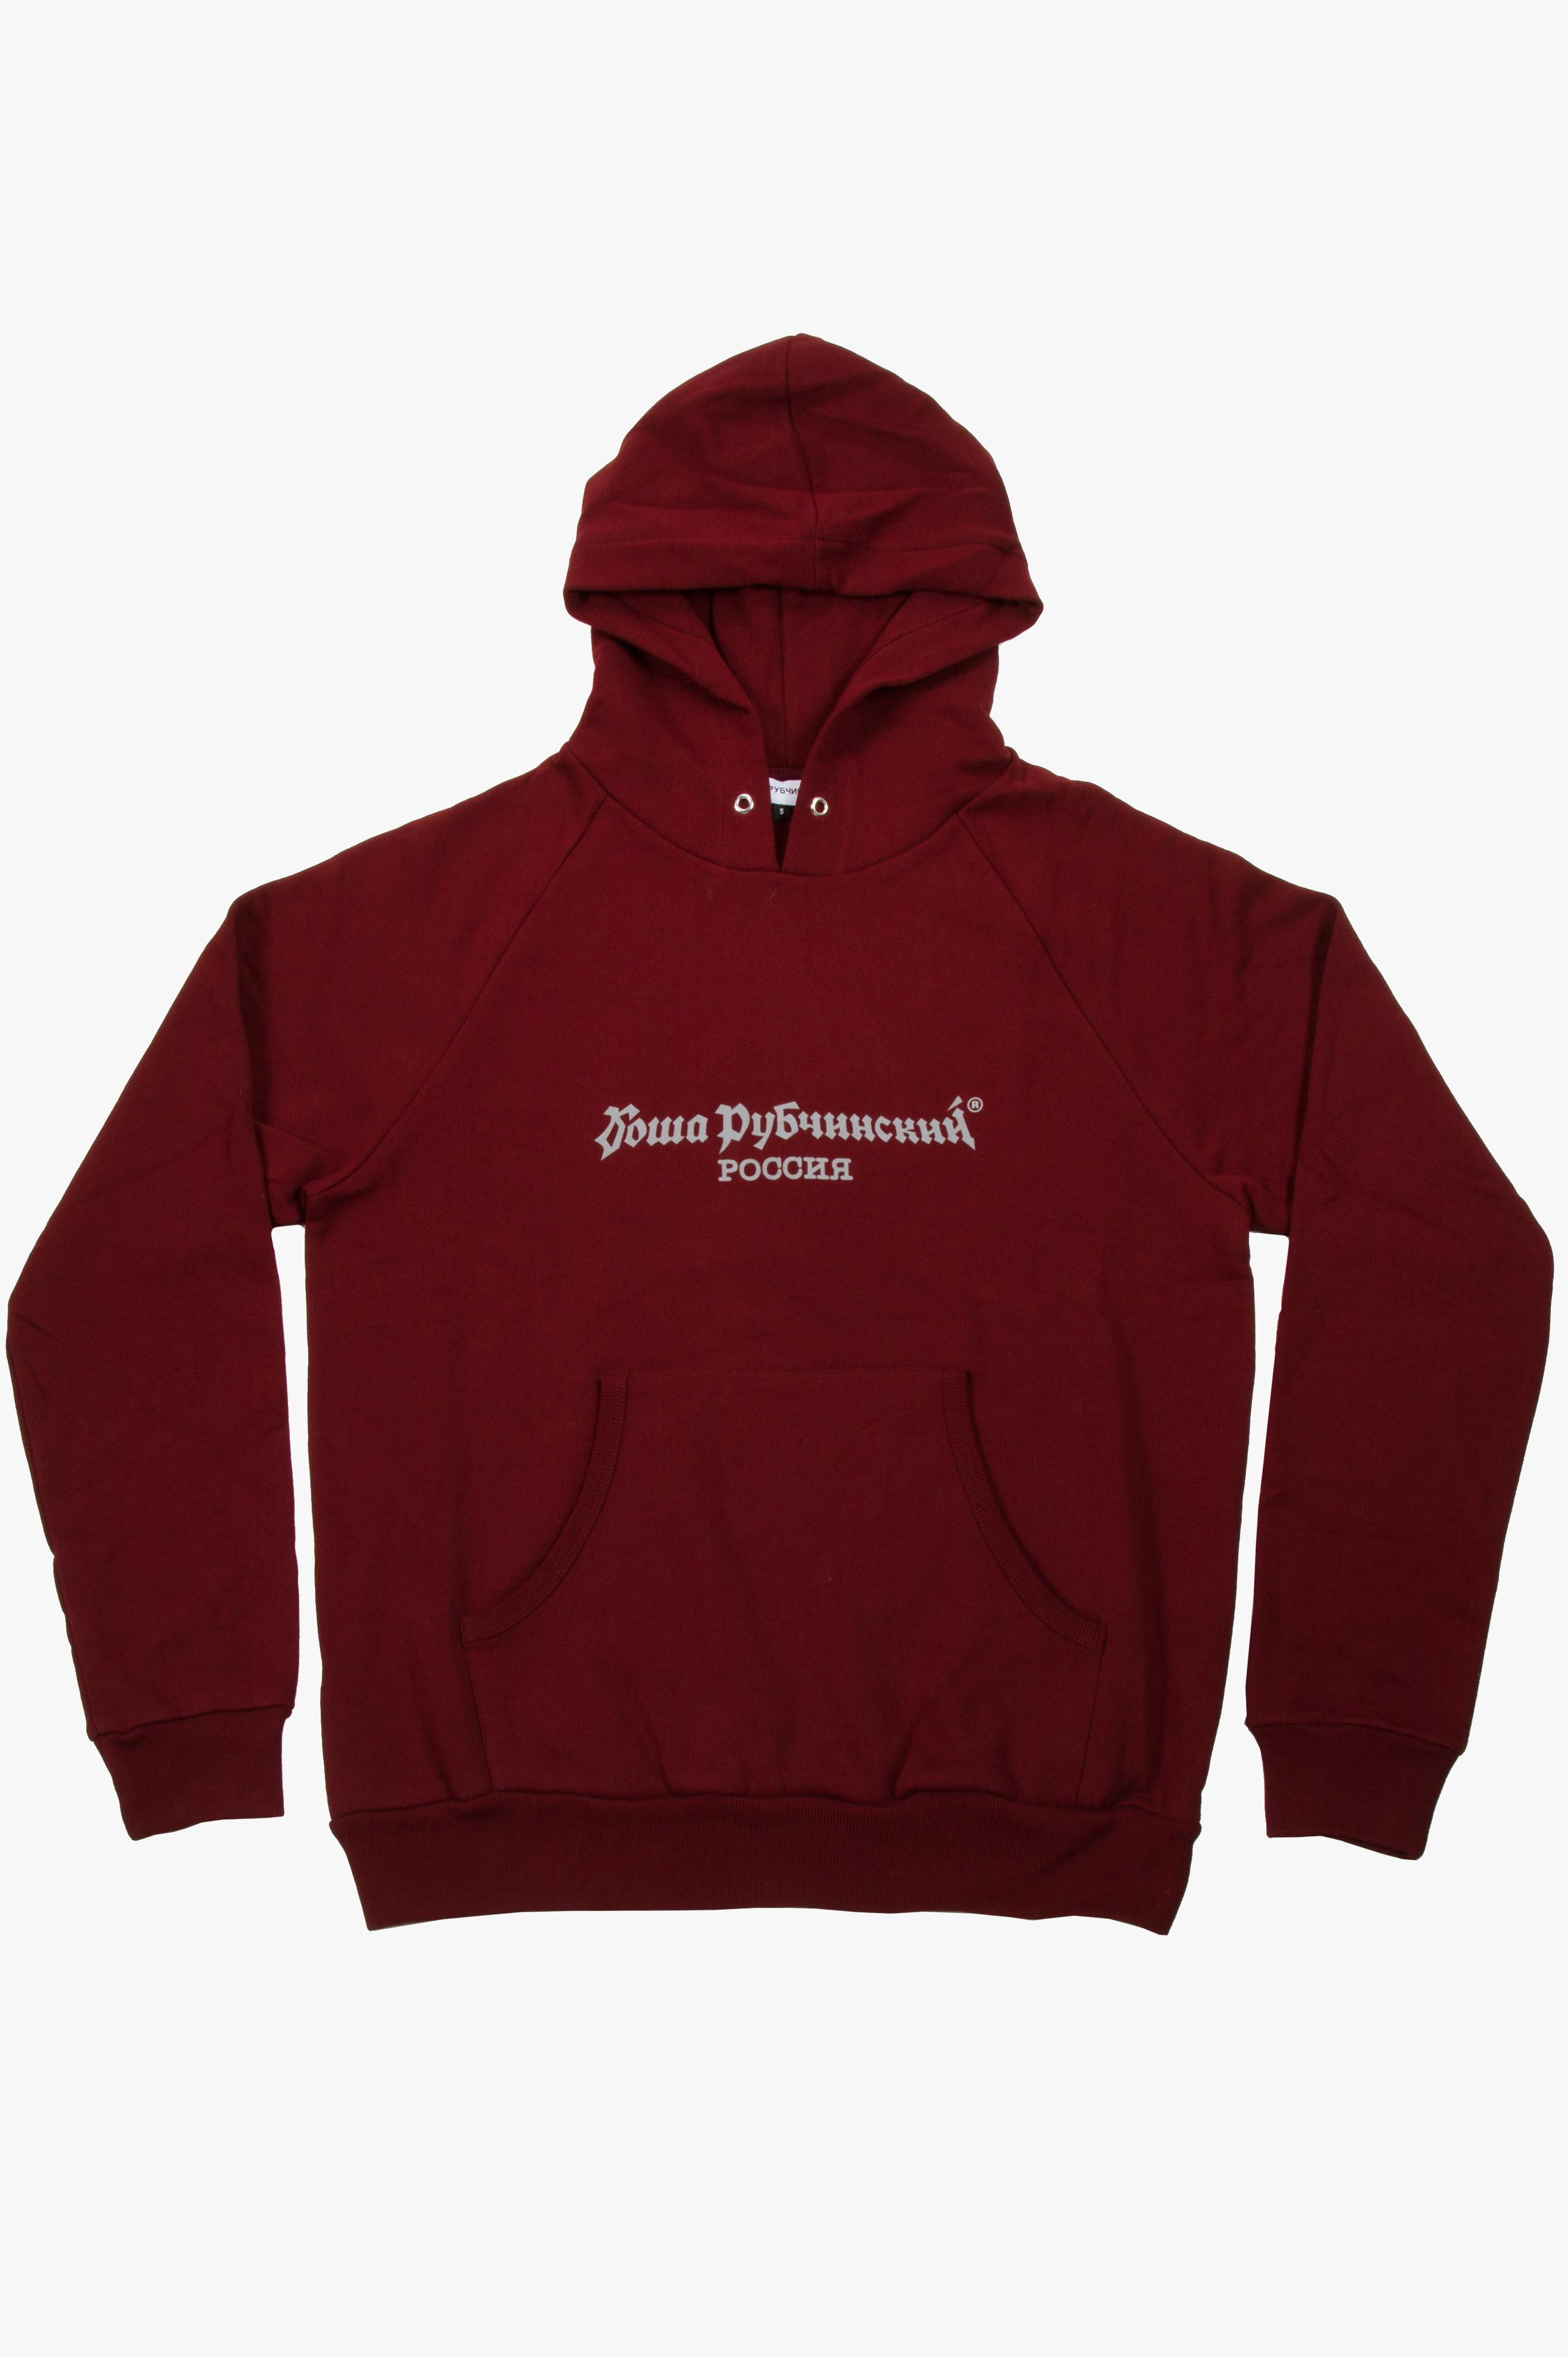 Logo Hooded Sweatshirt Burgundy